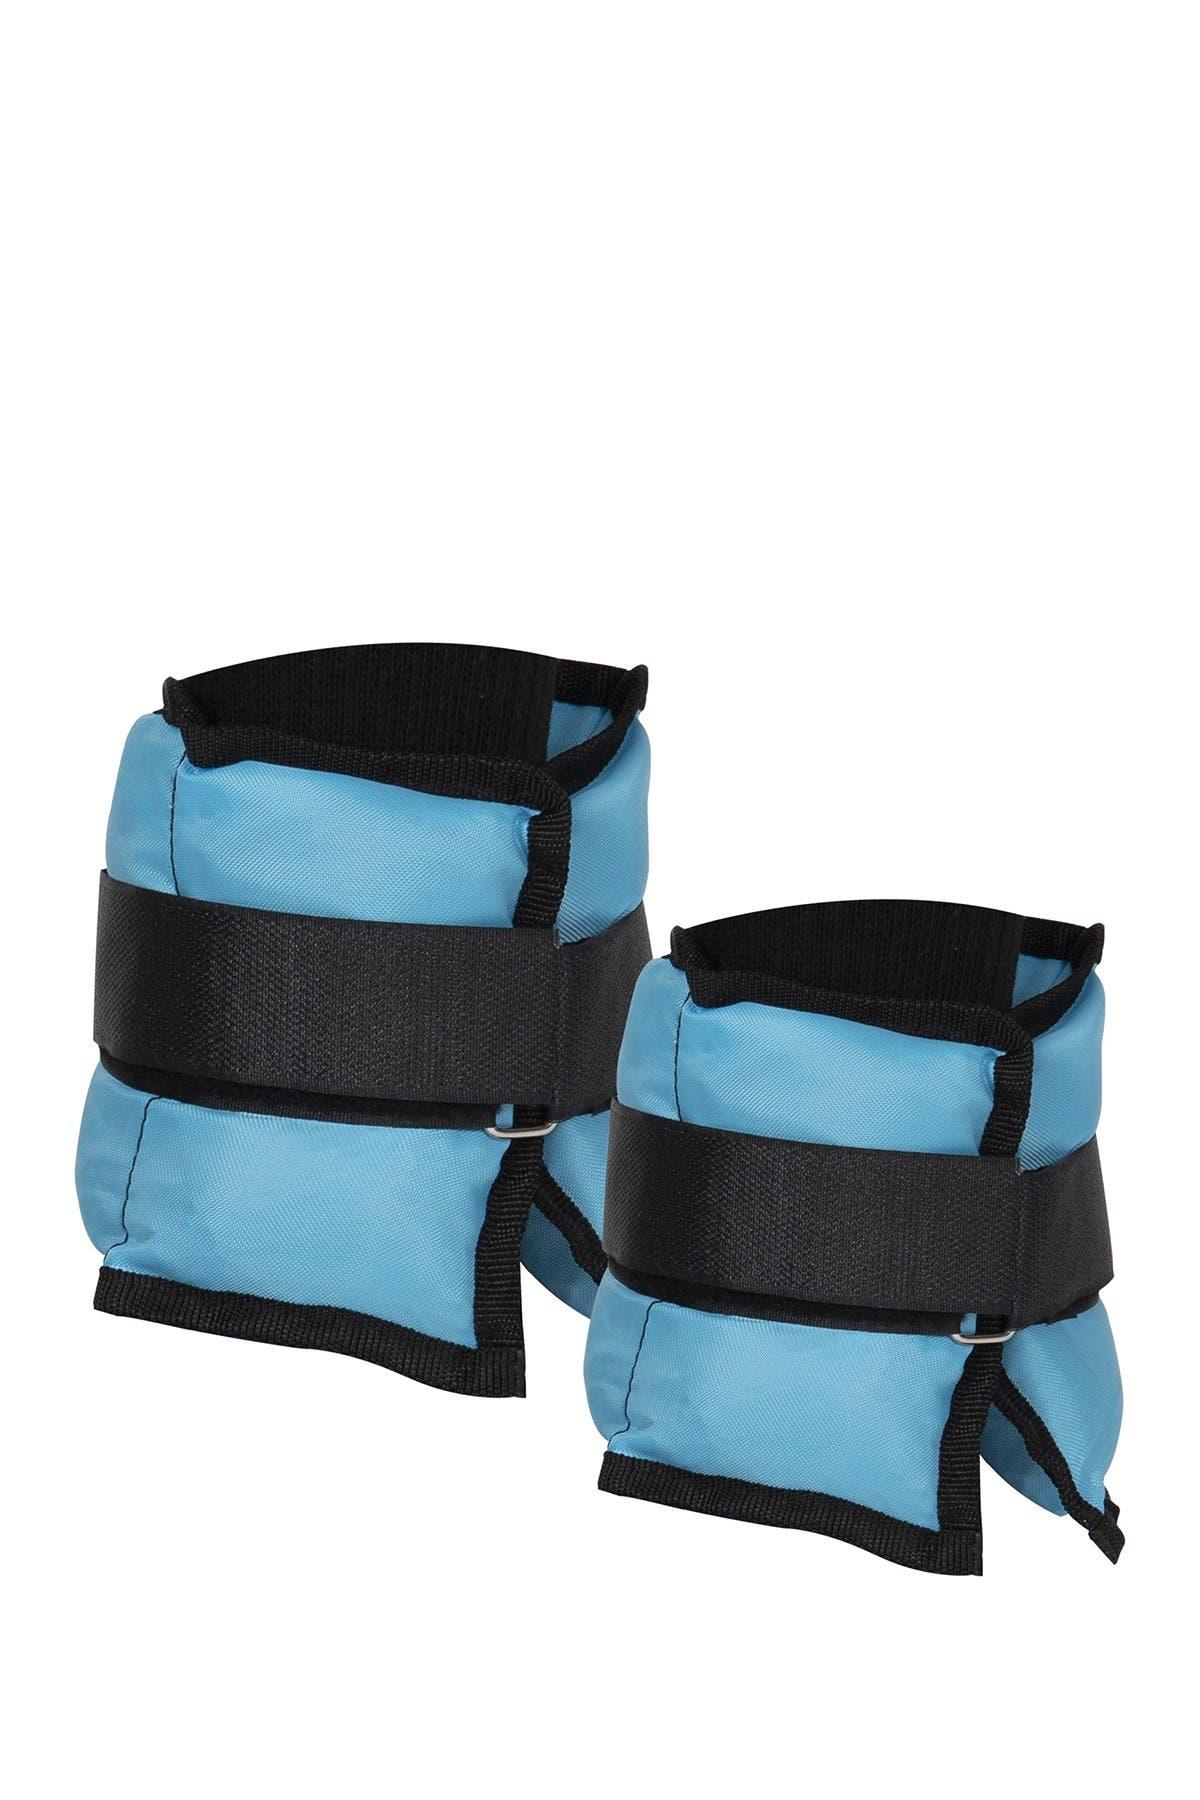 Image of MIND READER 3lb Adjustable Ankle & Wrist Weights - Set of 2